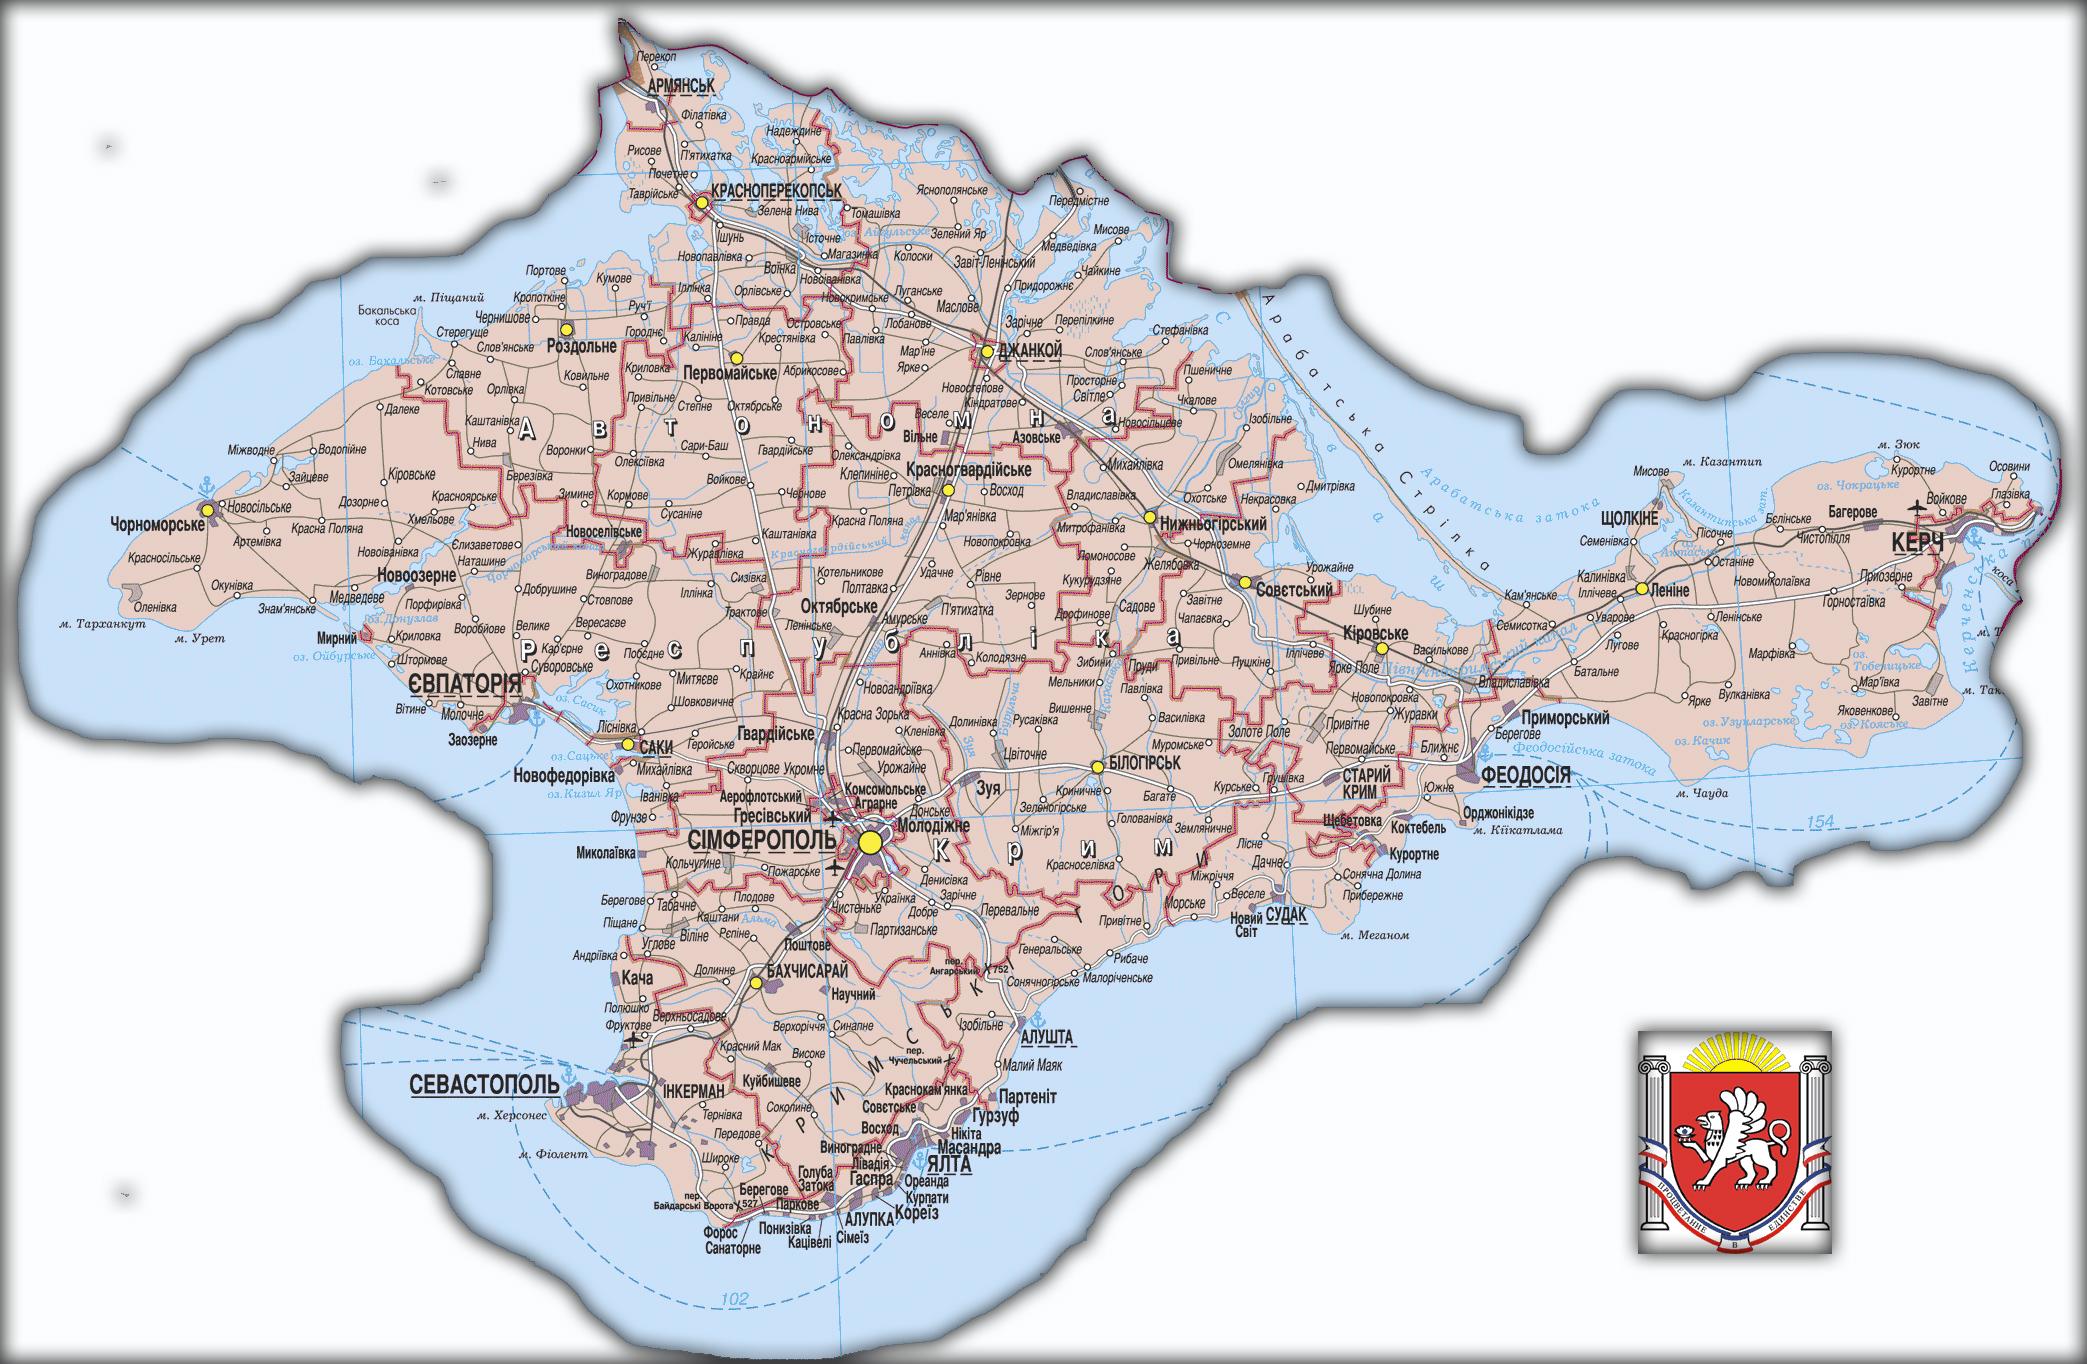 Топографическая карта Автономной Республики Крым